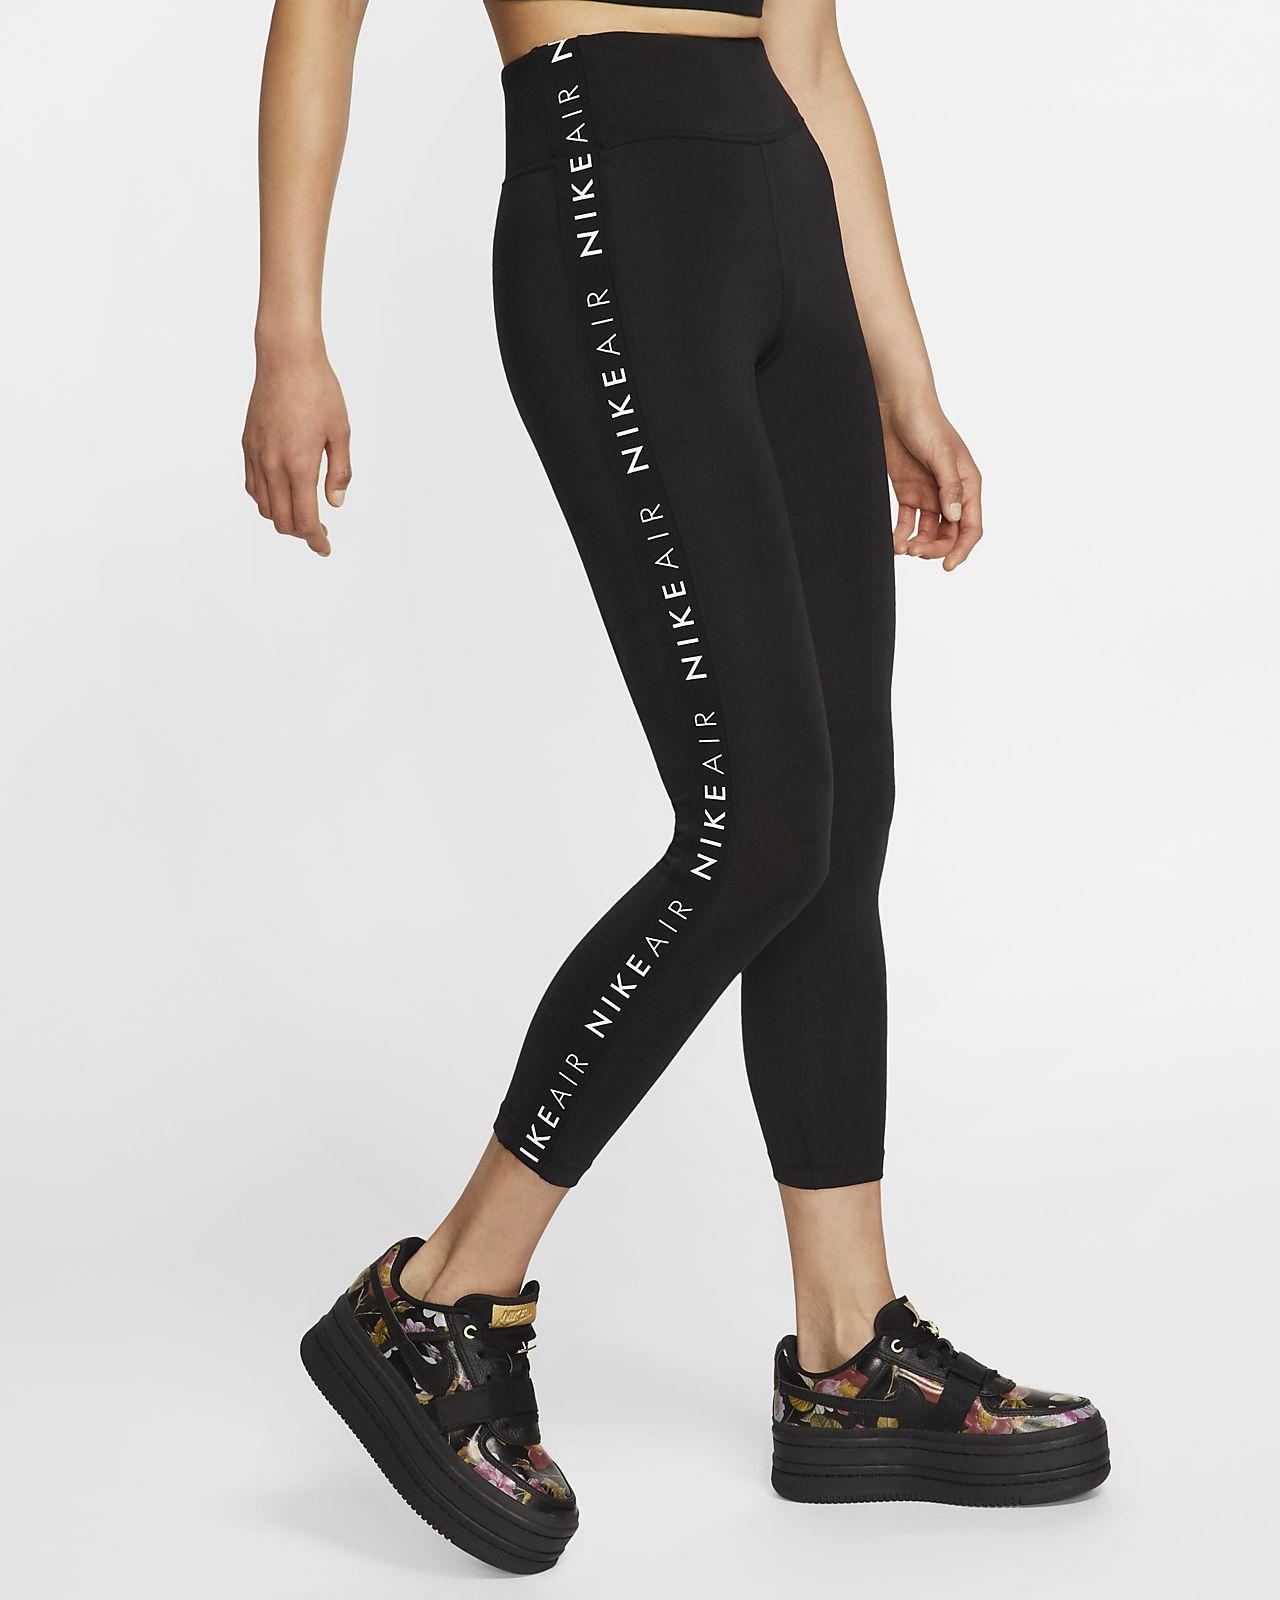 Nike Air Women's Leggings